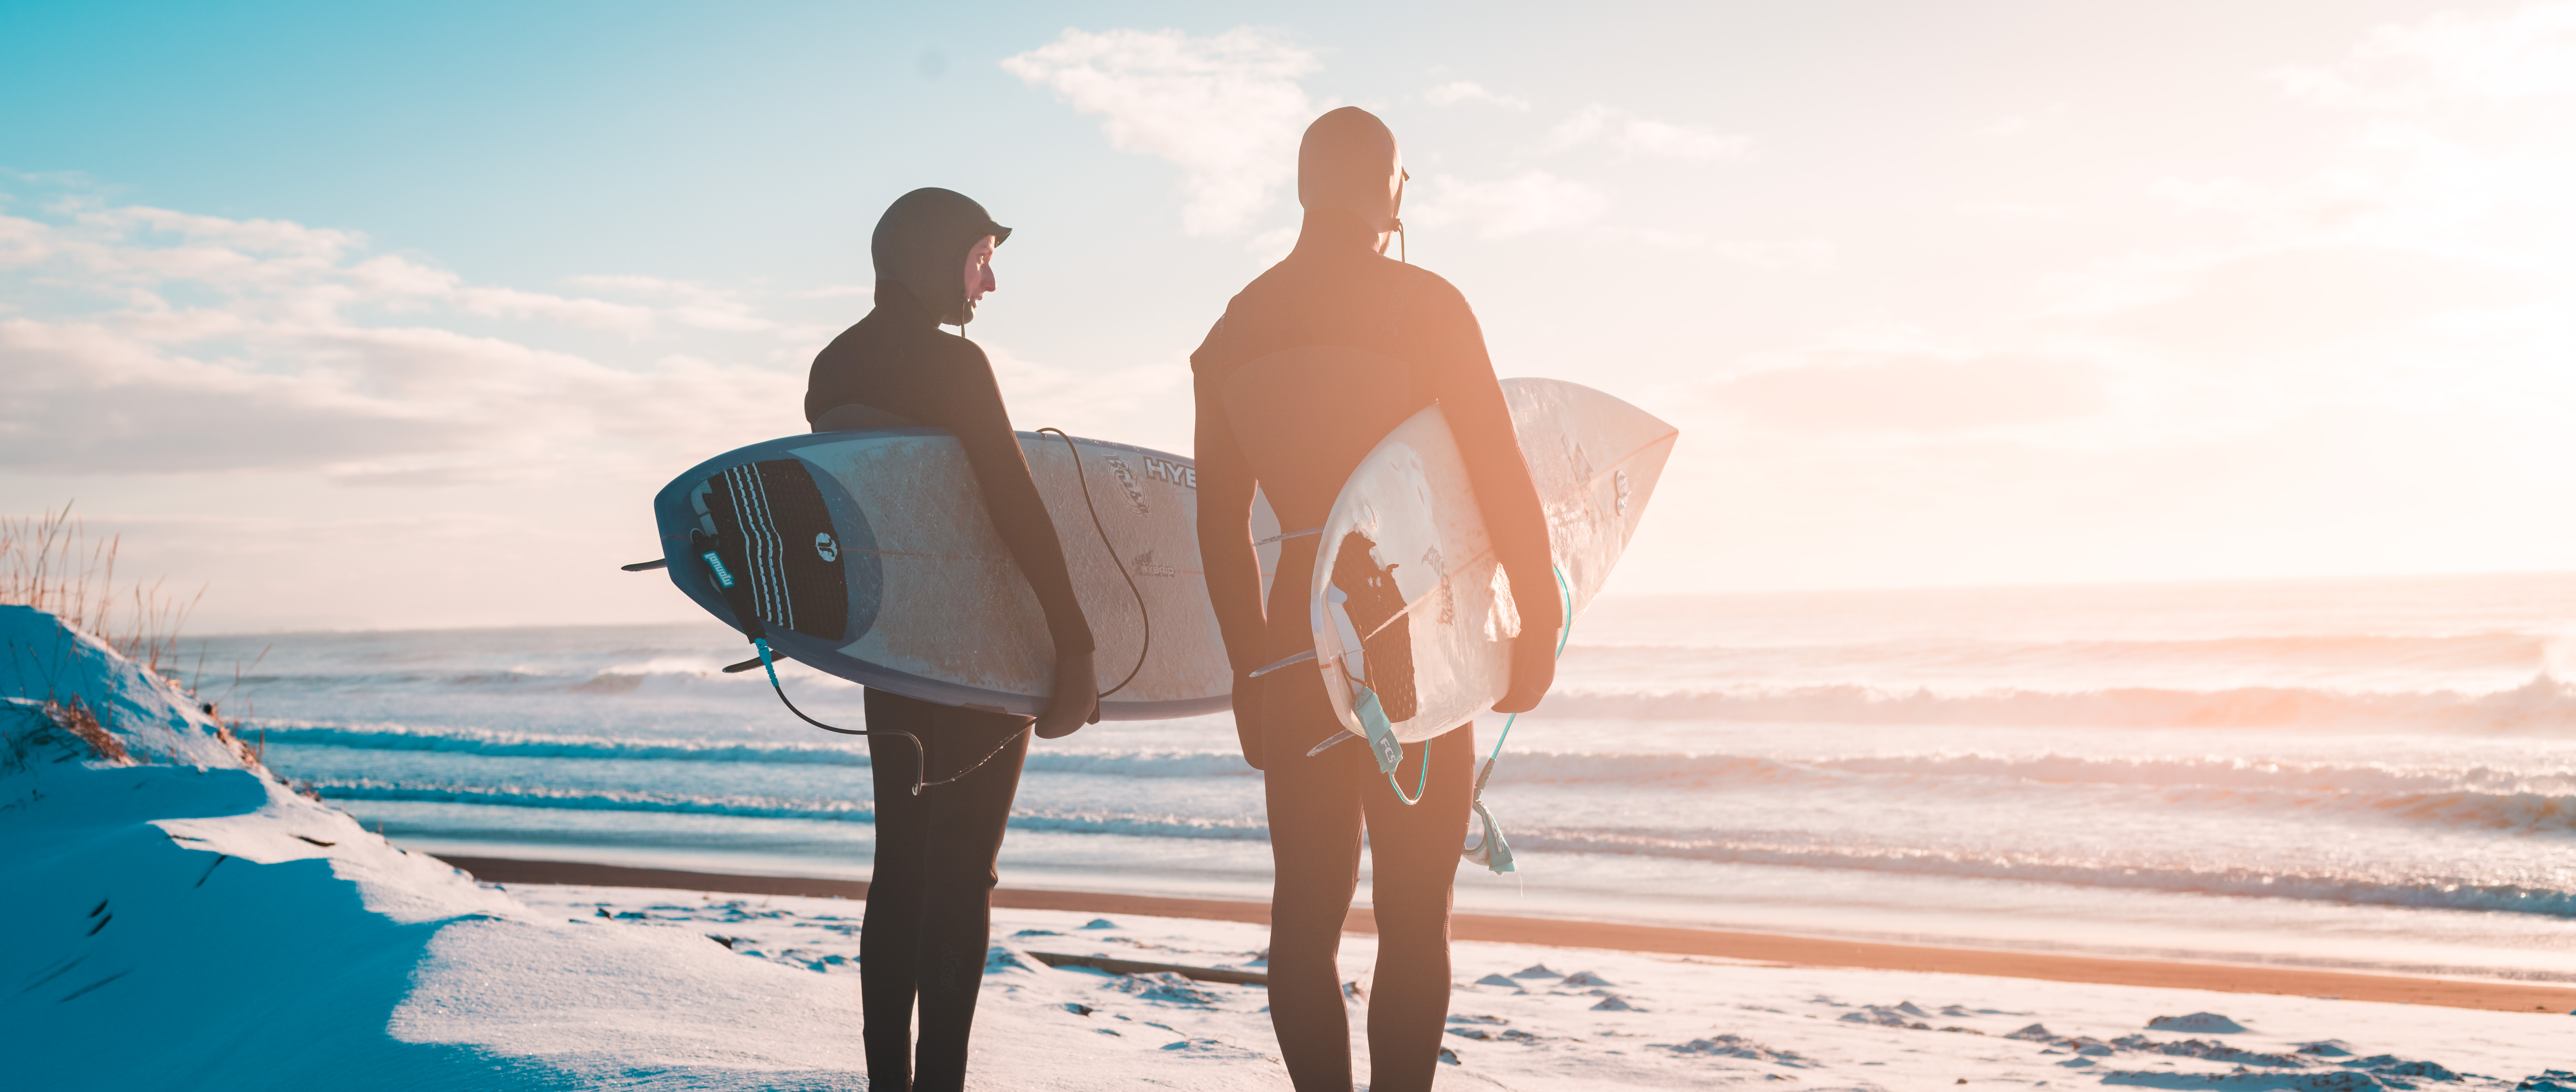 FAR NORTH – EINE SURFABENTEUER IM ARKTISCHEN OZEAN